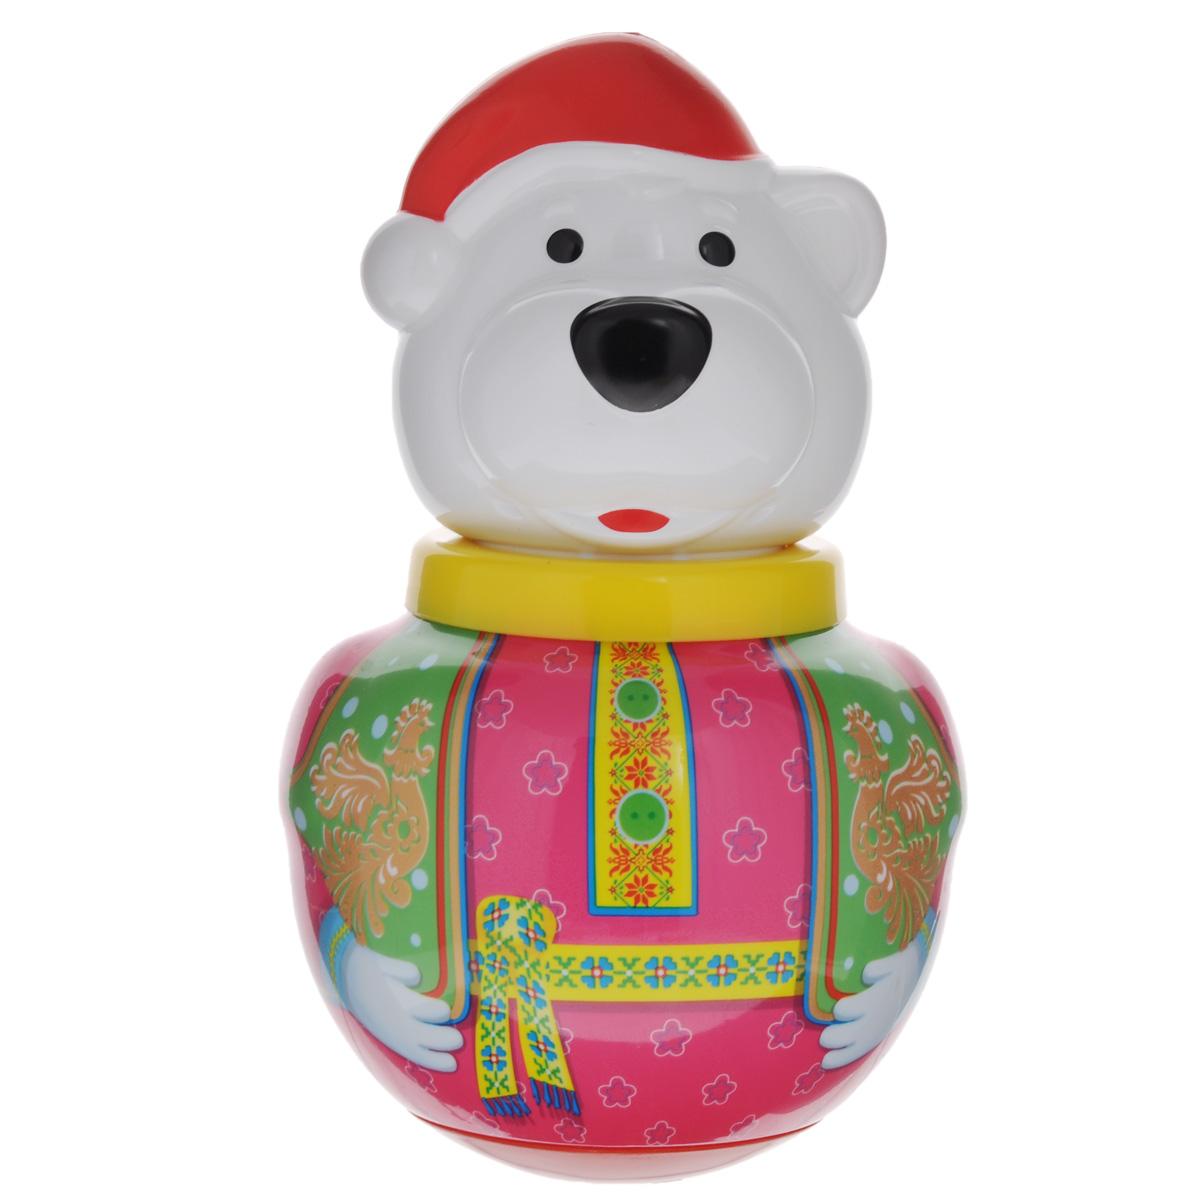 Неваляшка Stellar Белый медведь Борис, 16 см, в ассортименте01737Неваляшка Stellar Белый медведь Борис привлечет внимание вашего малыша и не позволит ему скучать. Игрушка выполнена из пластика в виде симпатичного медведя. Неваляшка всегда возвращается в вертикальное положение, забавно покачиваясь под приятный звук бубенчиков и развлекая малыша. Неваляшка развивает мелкую моторику, координацию, слух и цветовое восприятие. УВАЖАЕМЫЕ КЛИЕНТЫ! Обращаем ваше внимание на возможные изменения в дизайне игрушки.